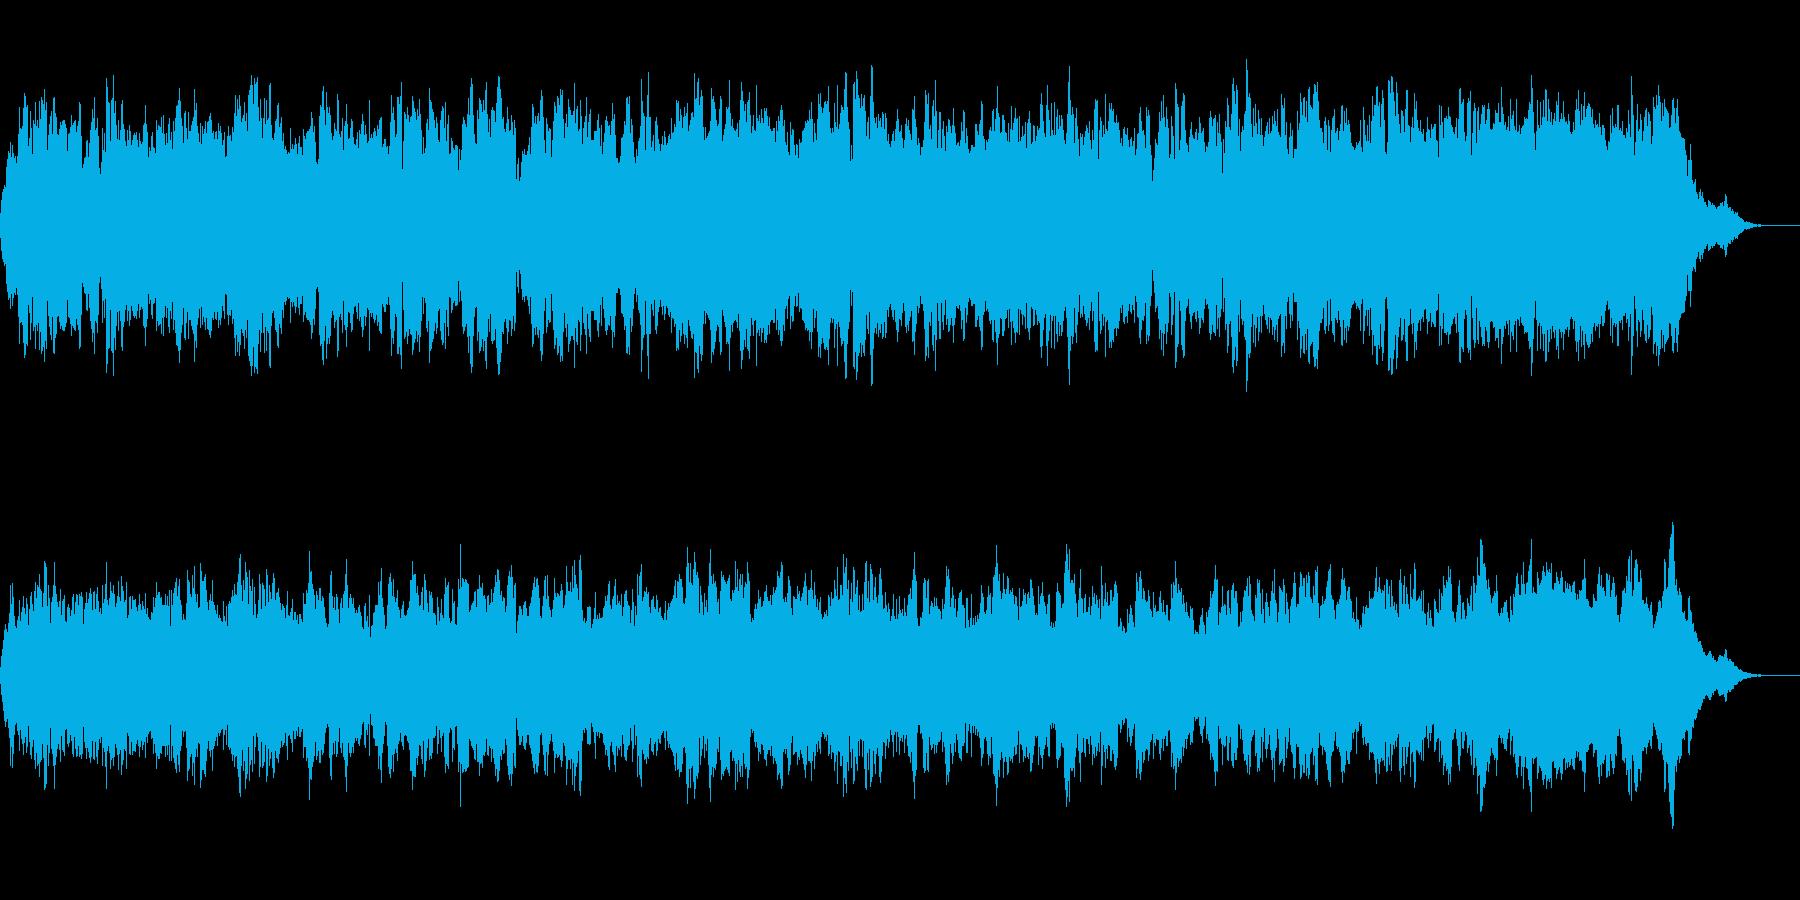 フィールドマップなどにの再生済みの波形